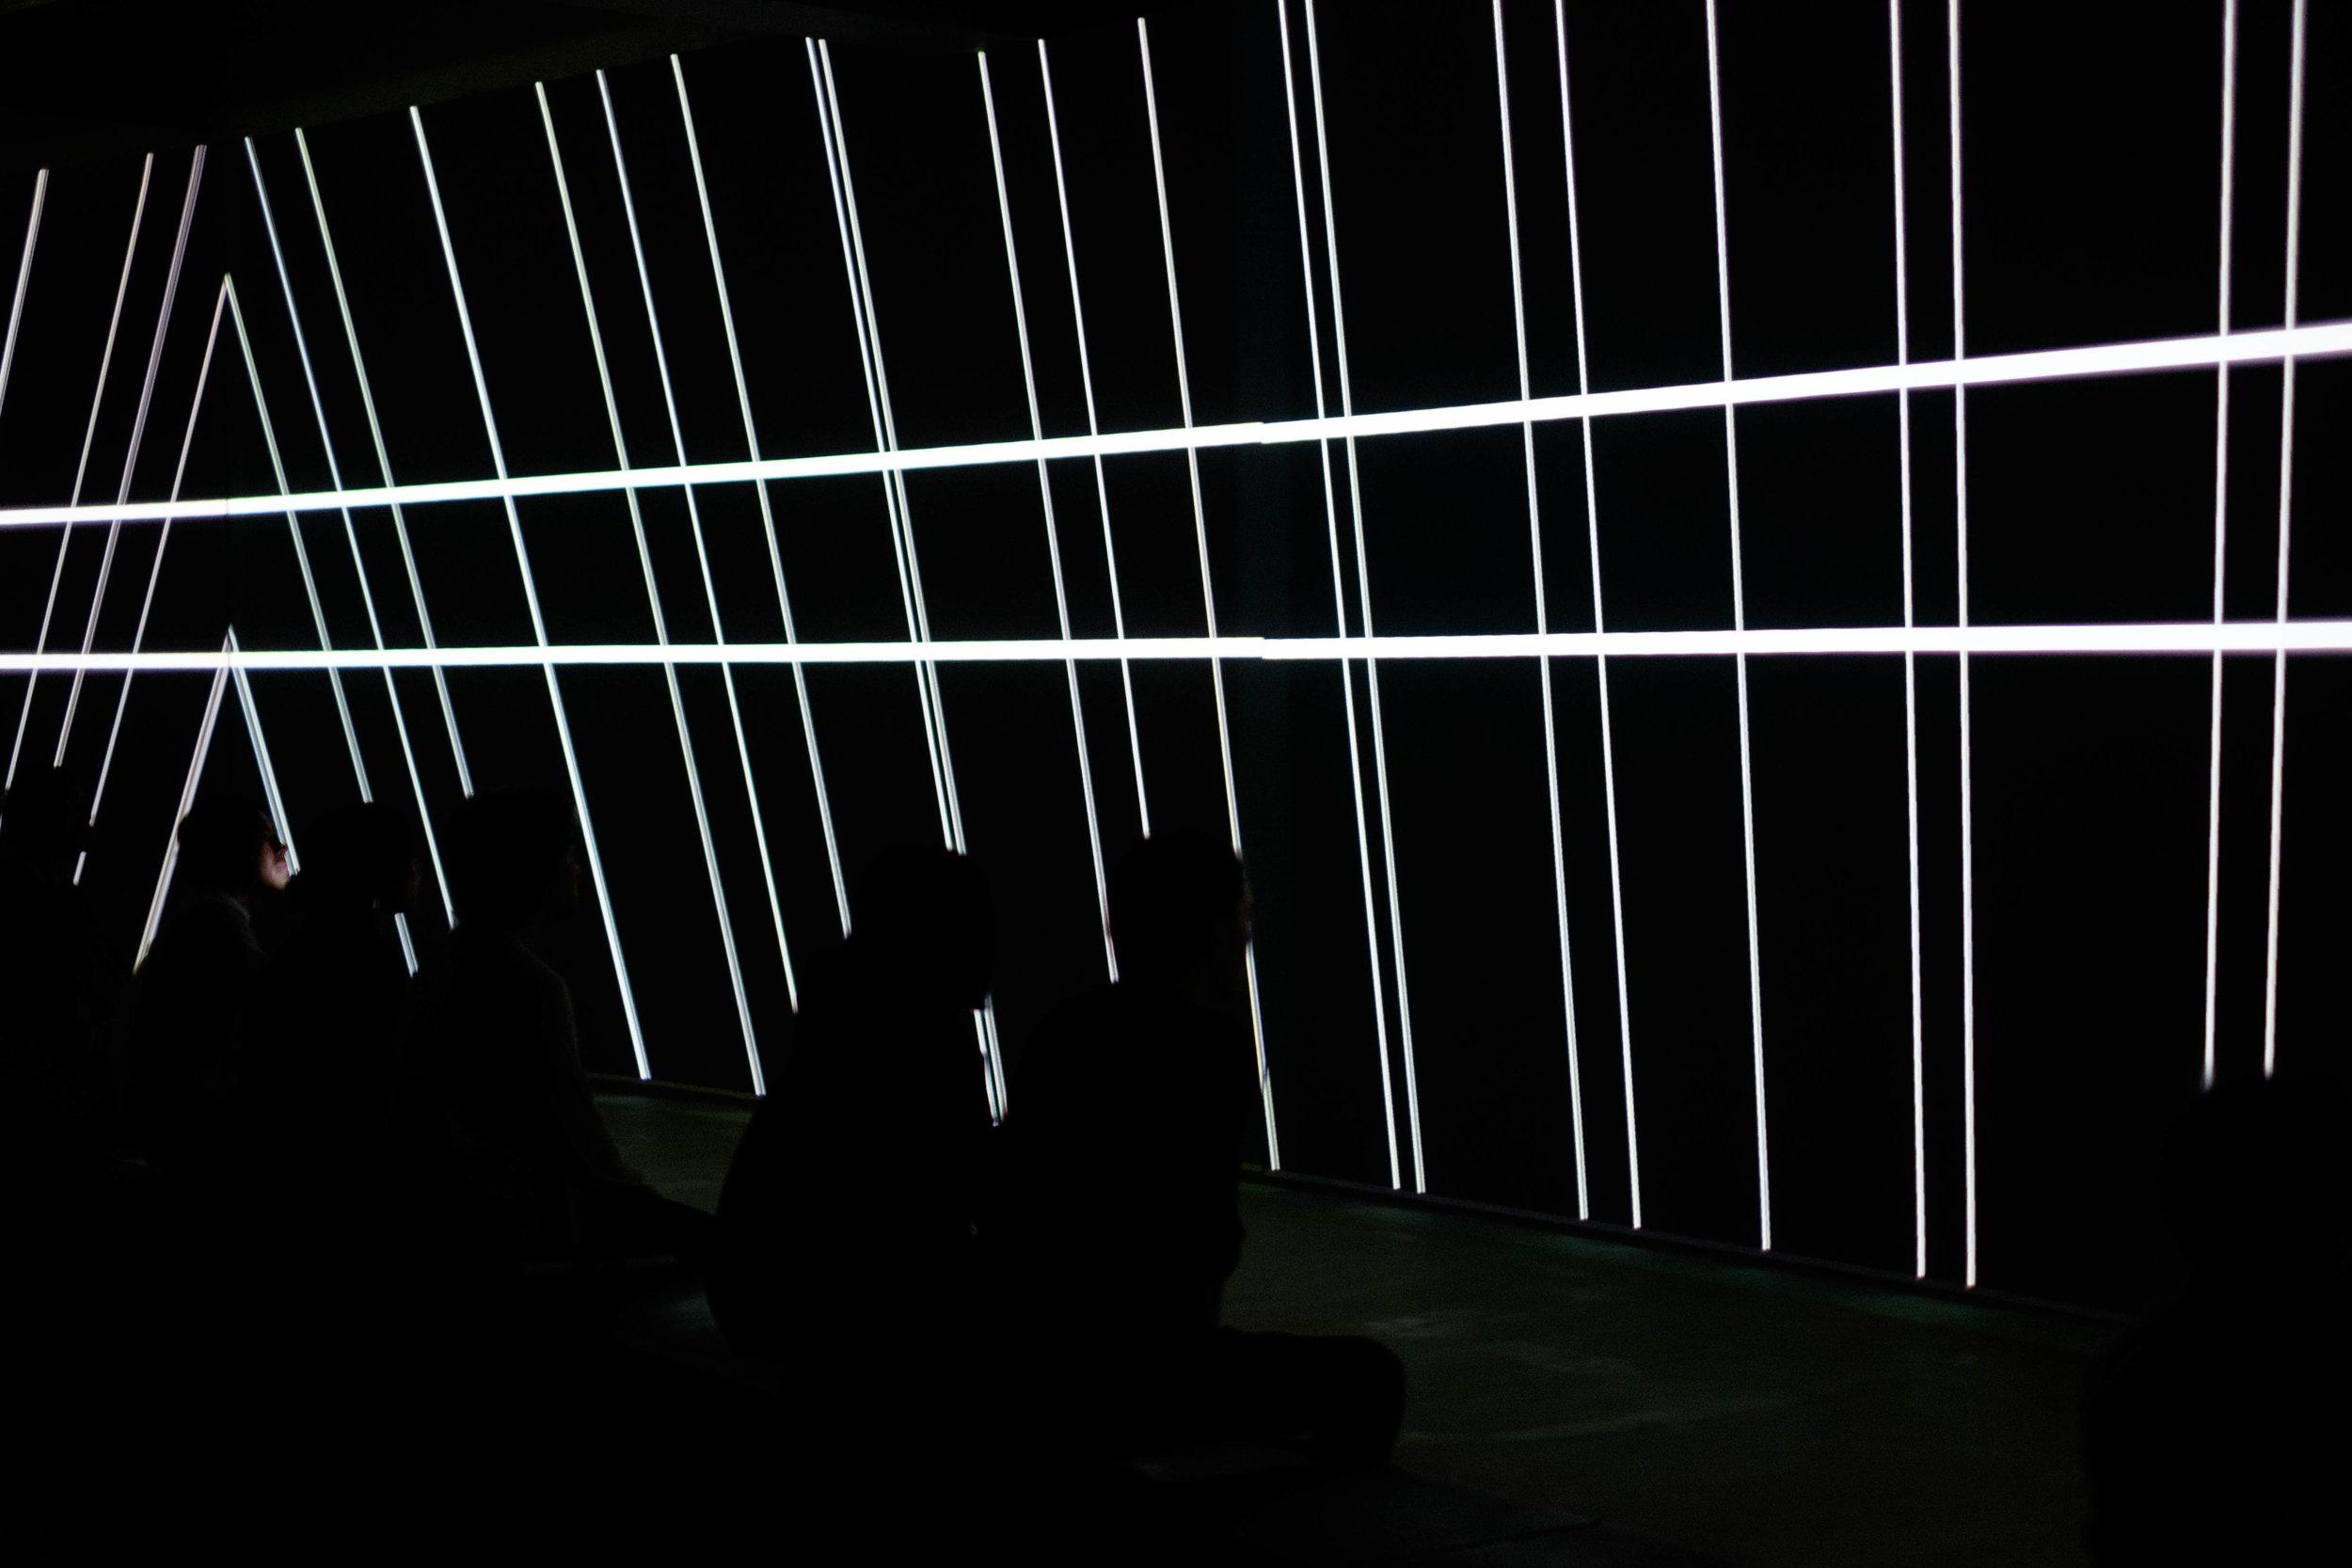 unidisplay(ichihara version) - 2017 / Carsten Nicolai